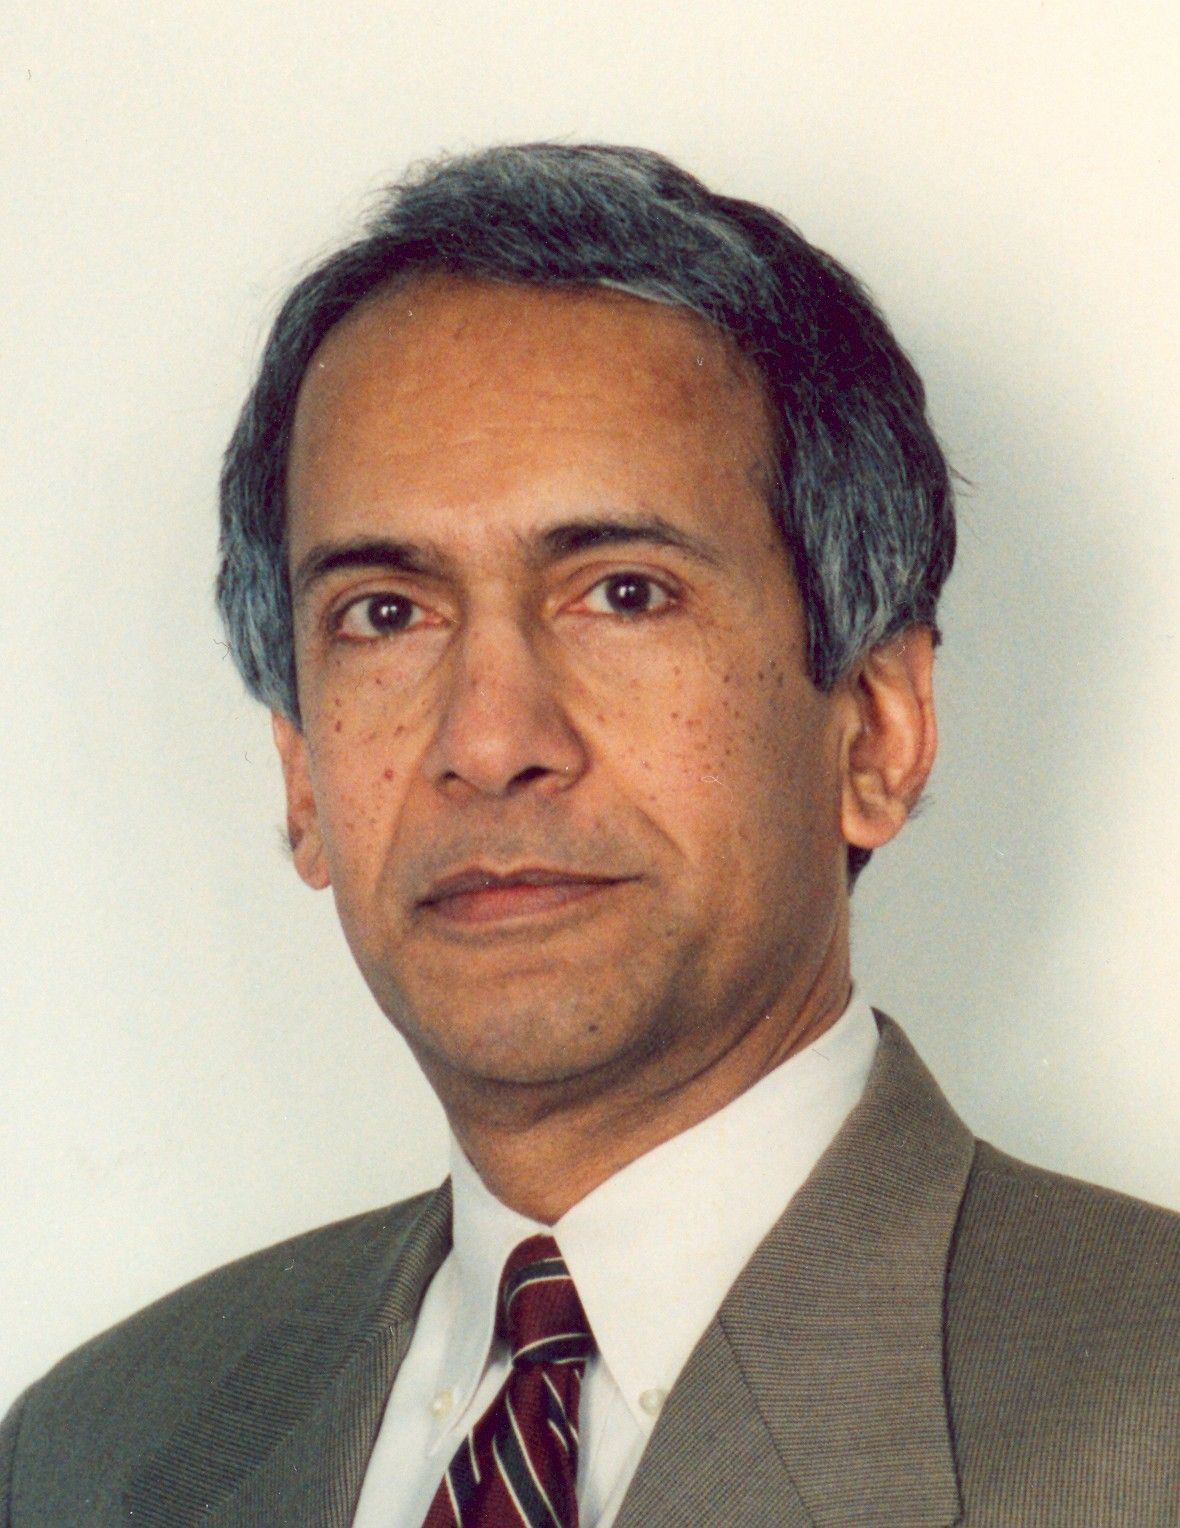 R. Shankar Nair